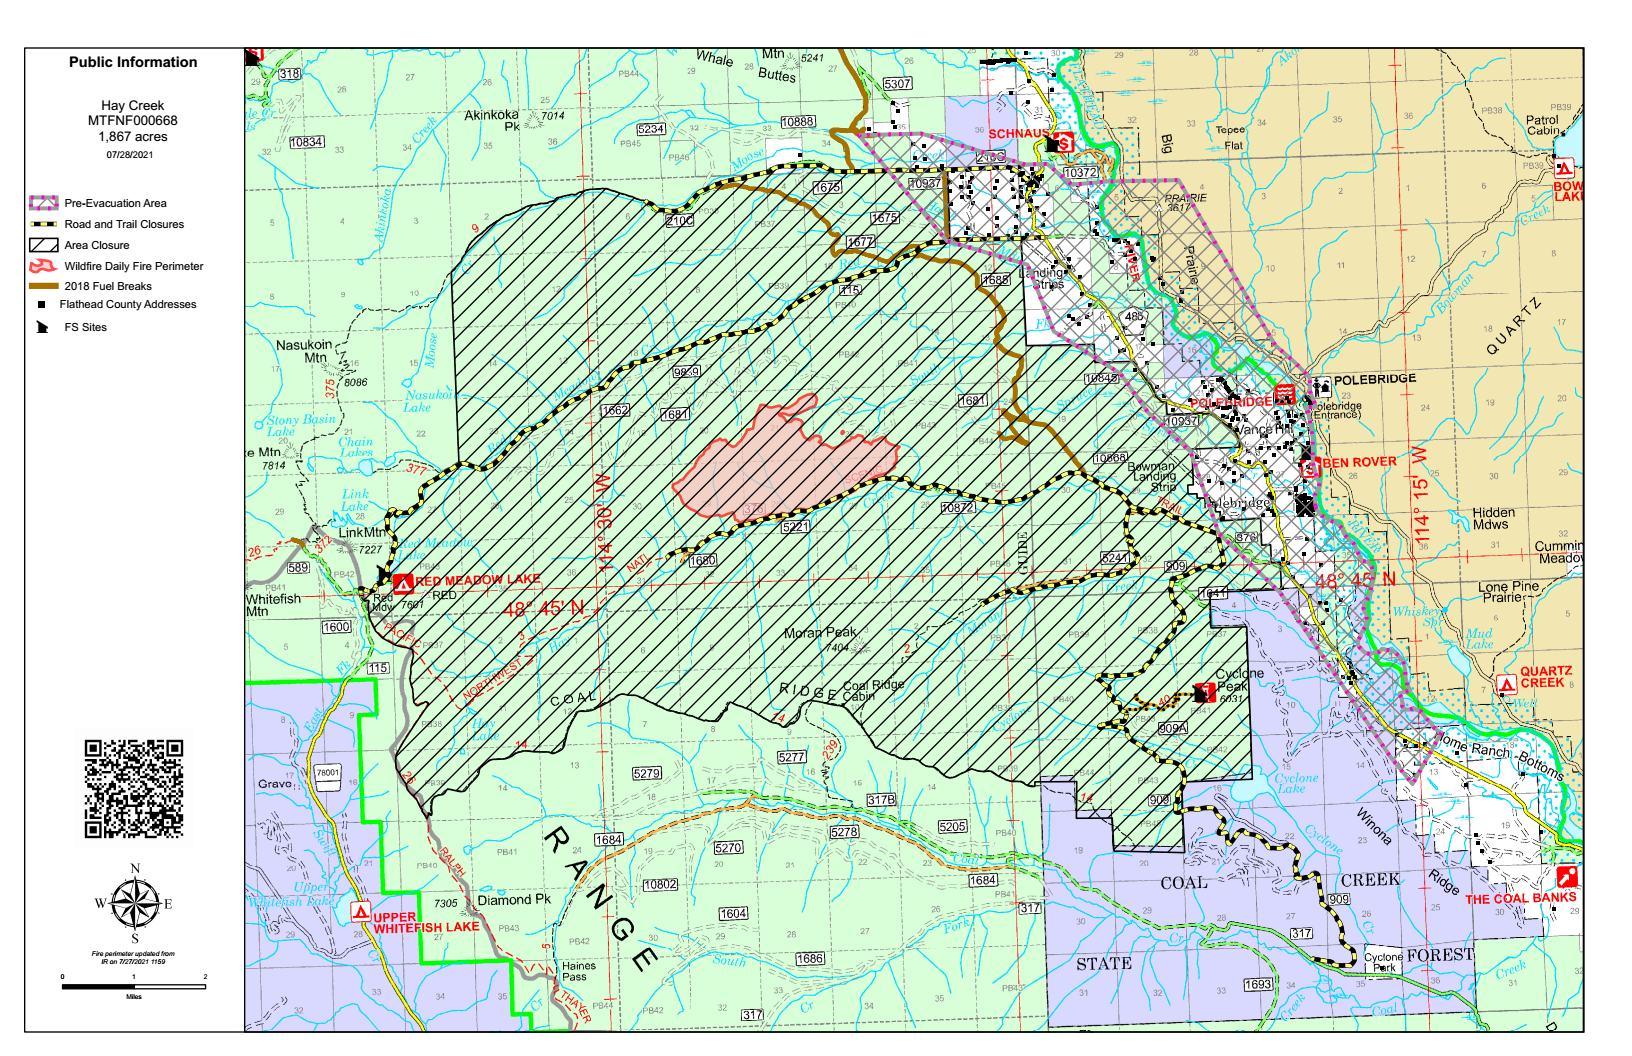 July 28, 2021 Hay Creek Fire Map